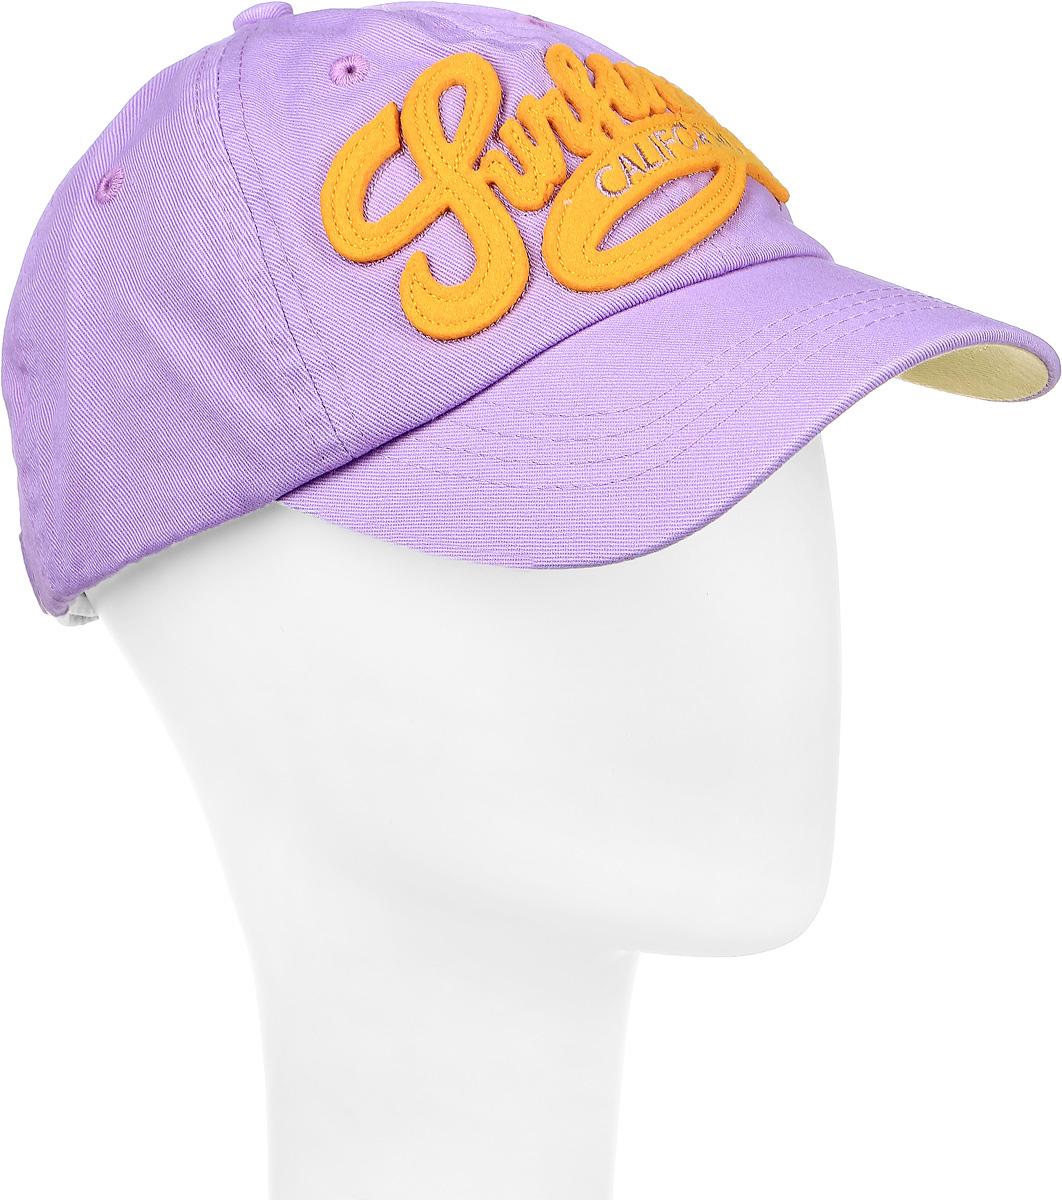 Бейсболка Canoe Spare, цвет: фиолетовый, желтый. 1966486. Размер 561966486Стильная бейсболка Canoe Spare, изготовленная из 100% хлопка, идеально подойдет для активного отдыха и обеспечит надежную защиту головы от солнца. Бейсболка имеет перфорацию, обеспечивающую дополнительную вентиляцию. Спереди бейсболка оформлена объемной нашивкой в виде декоративной надписи. Низ козырька оформлен контрастным цветом. Объем изделия регулируется благодаря ремешку с зажимом, оформленным вырубкой в виде листа. Такая бейсболка станет отличным аксессуаром для занятий спортом или дополнит ваш повседневный образ.